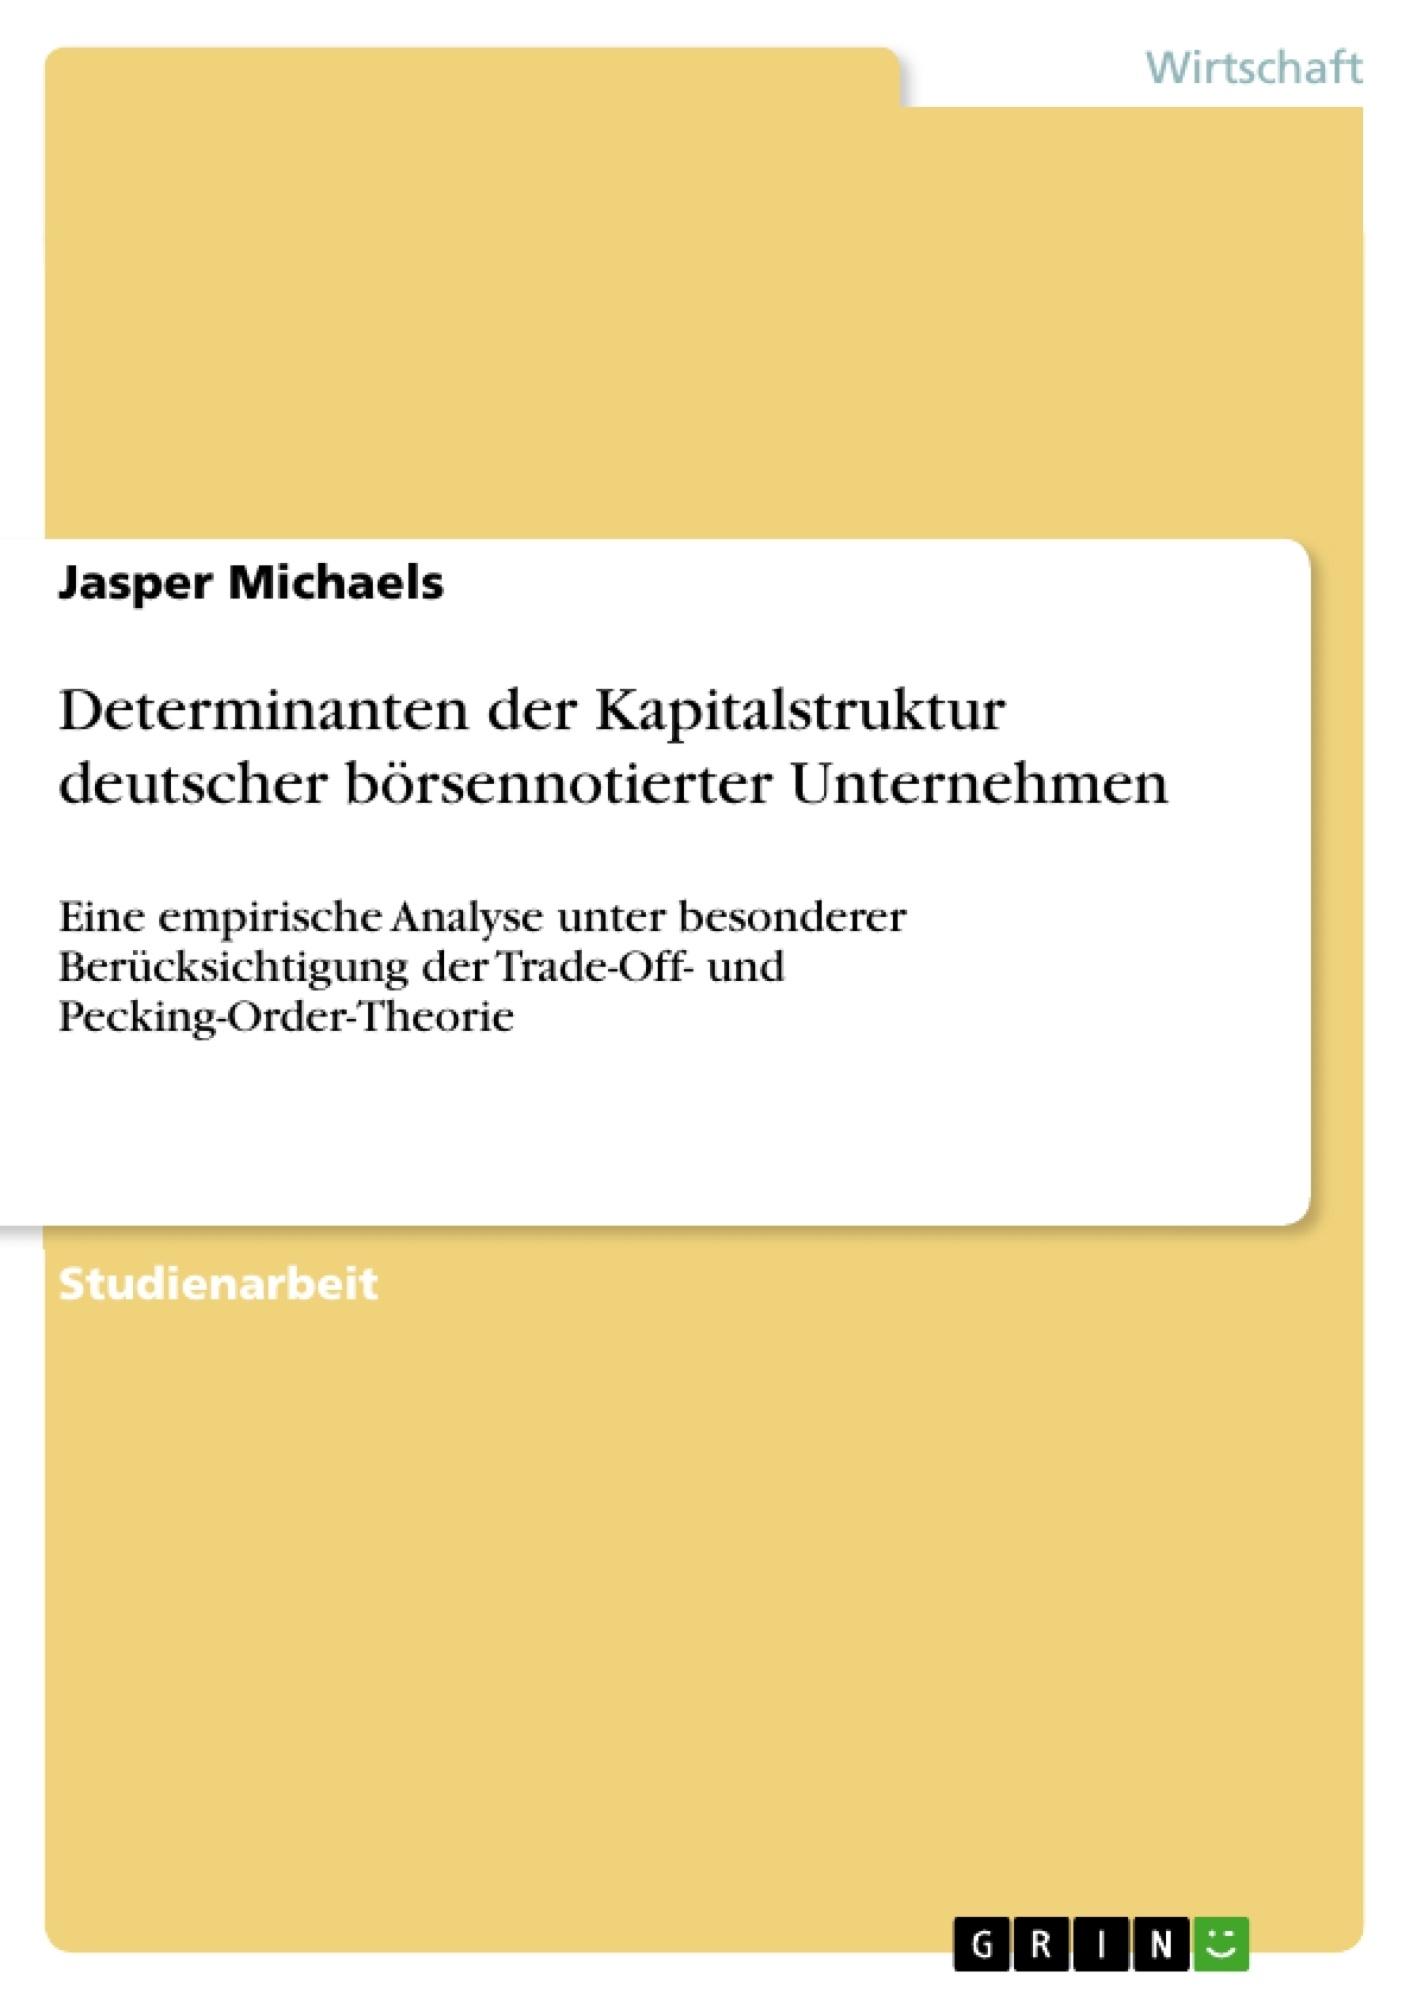 Titel: Determinanten der Kapitalstruktur deutscher börsennotierter Unternehmen